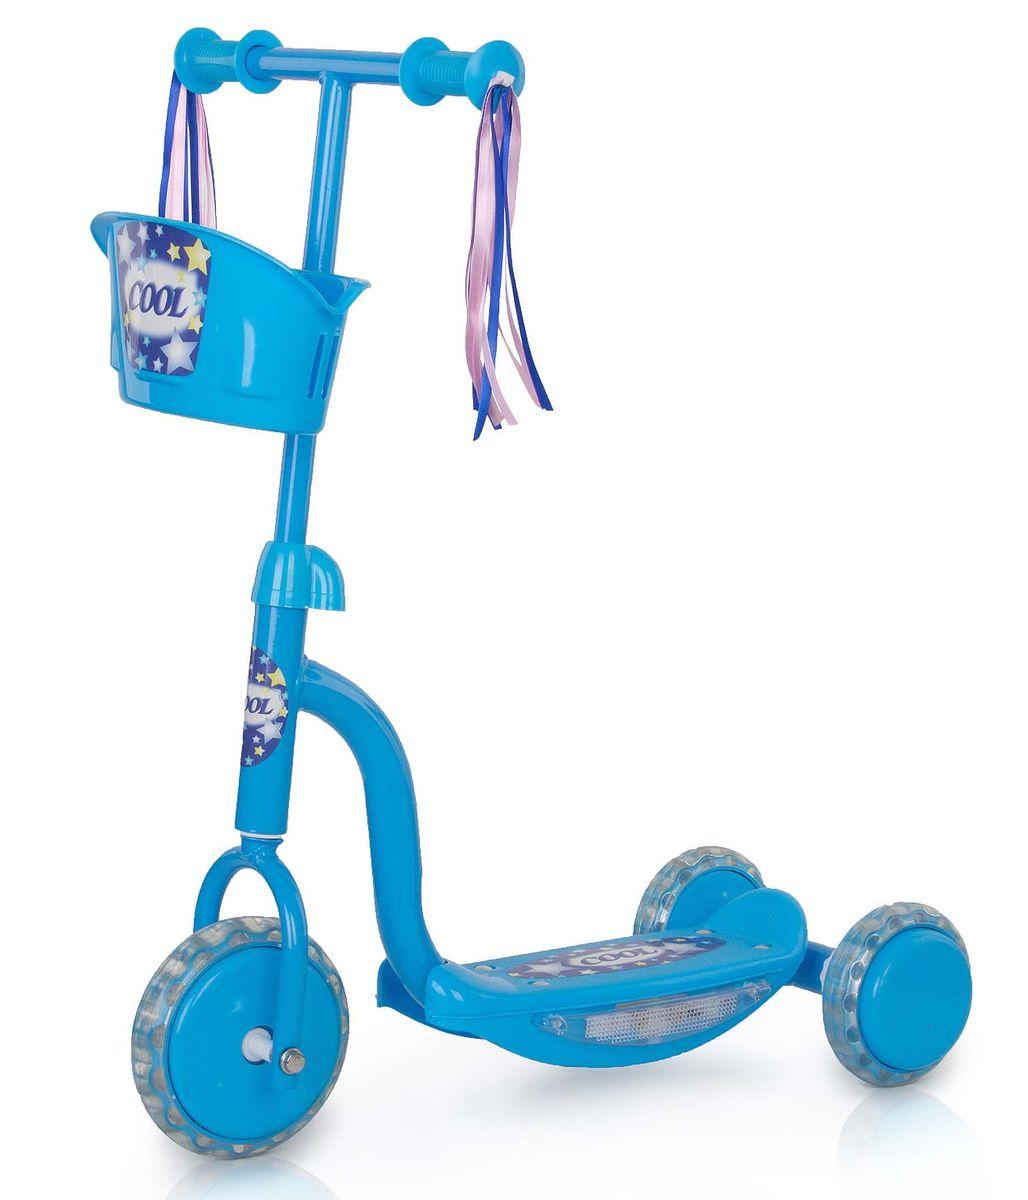 Самокат трехколесный Larsen Cool, цвет: голубой242631Larsen Cool выполнен из высококачественных материалов, стальная основа делает его очень долговечным, а пластиковые детали - безопасным. Колеса из поливинилхлорида хорошо смягчают неровности дорог. В качестве дополнительного аксессуара к рулю самоката прикреплена небольшая корзинка для игрушек. Подсветка на раме.